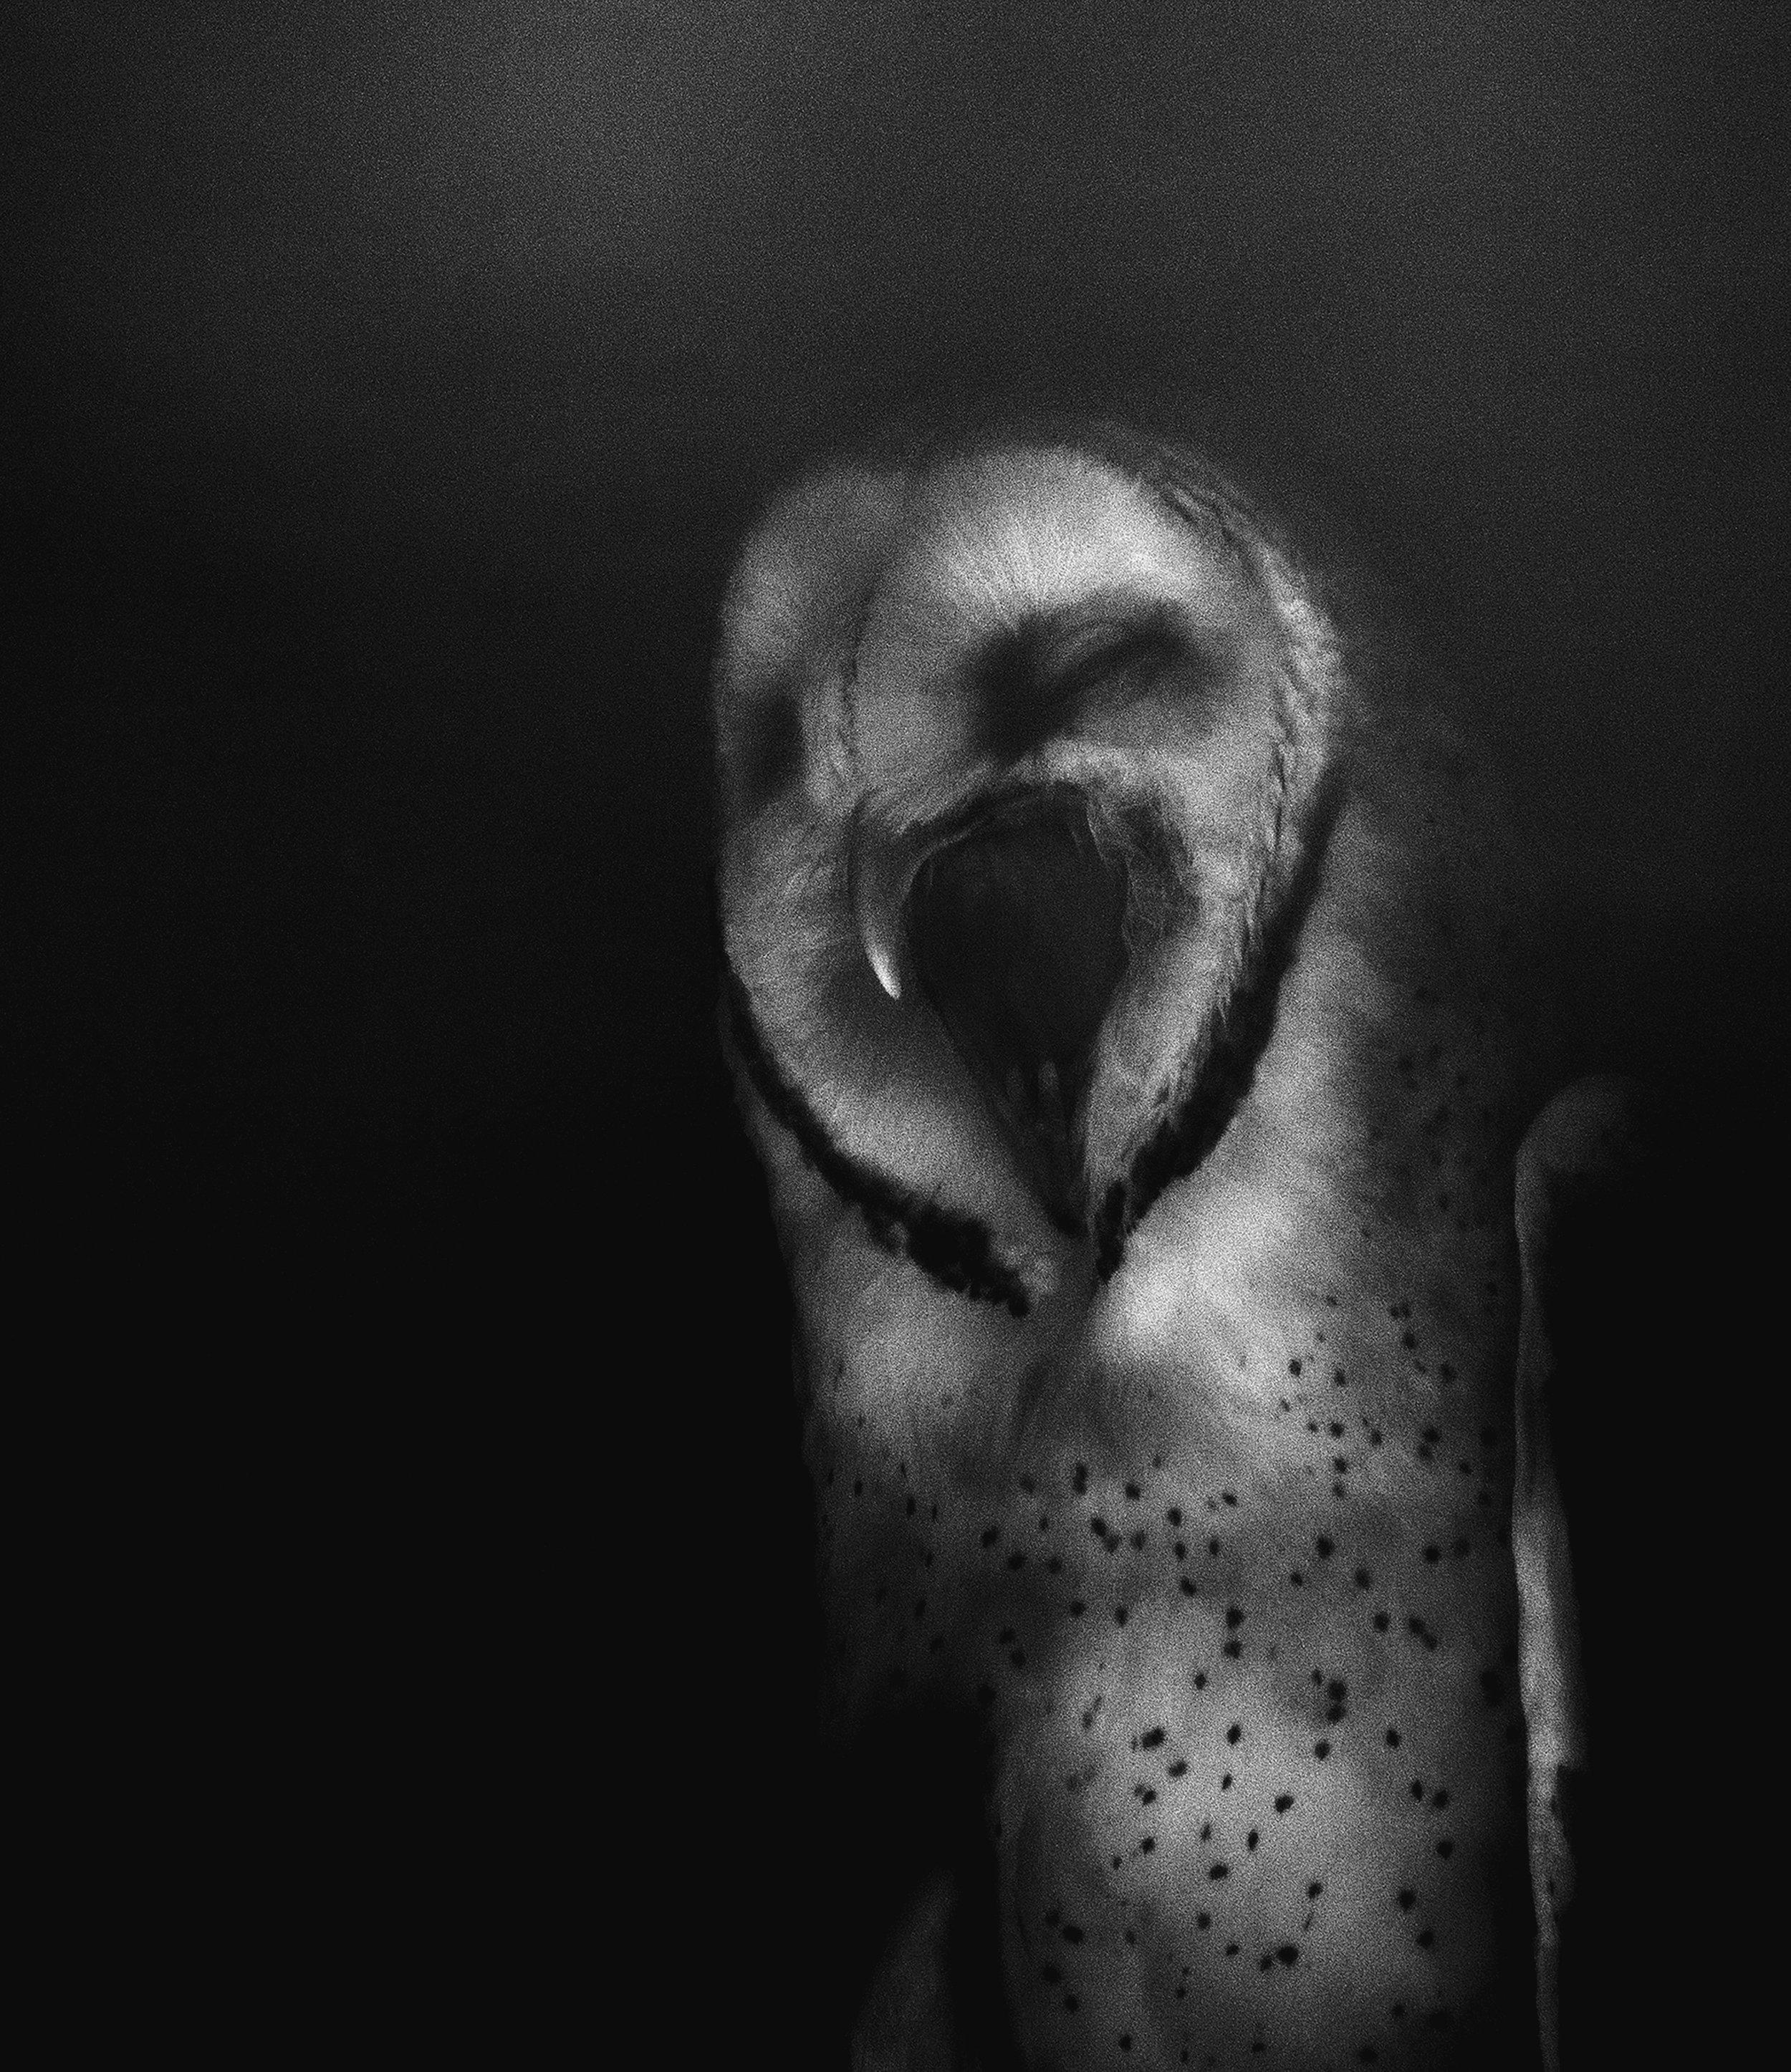 Night Owl (Windy Yawns), 2018. Donna Garcia.